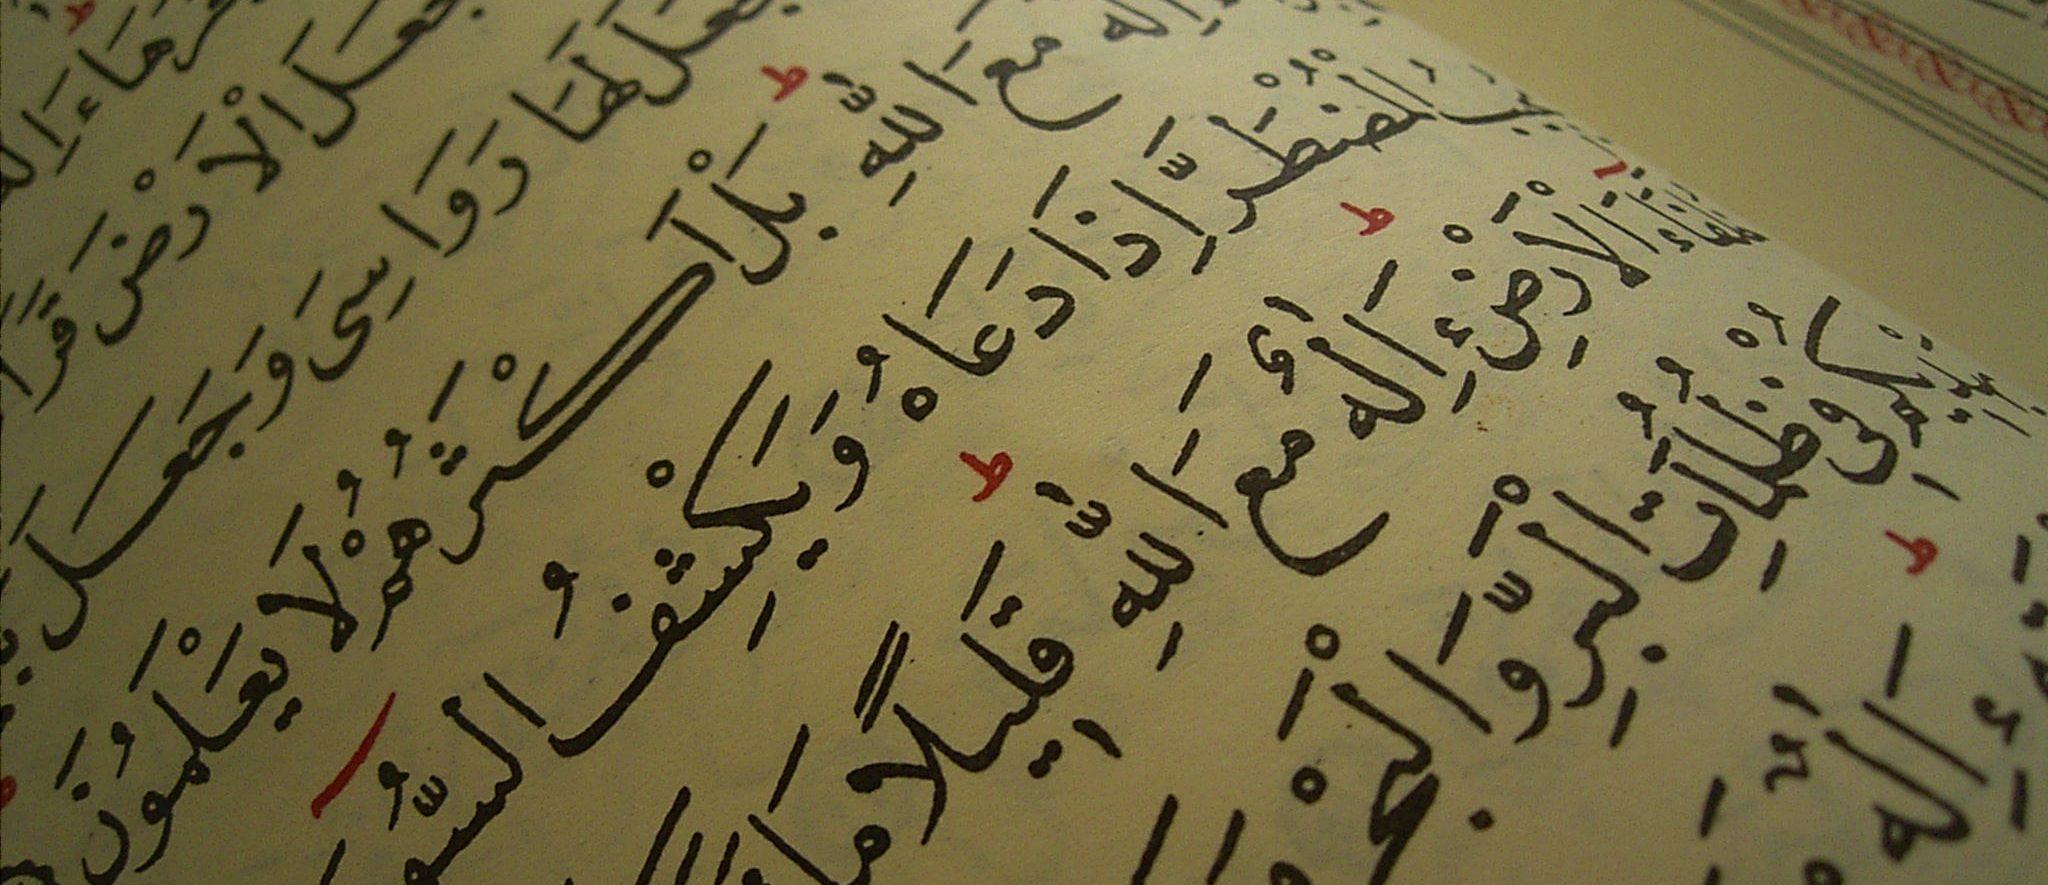 Hukum Ruqyah Dalam Islam Beserta Dalilnya Lengkap